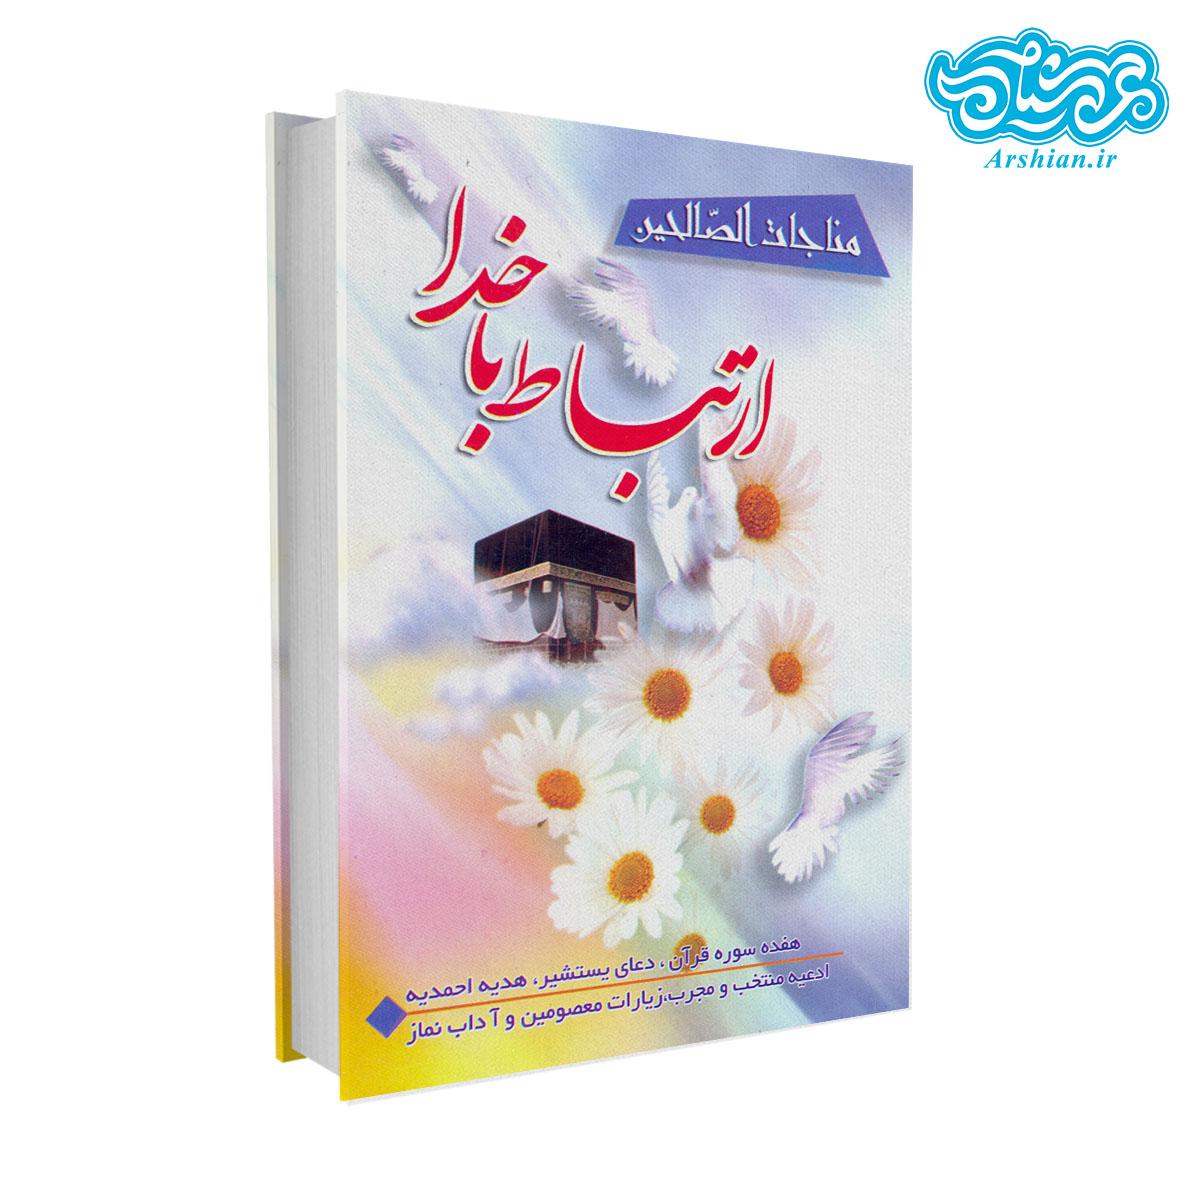 کتاب ارتباط با خدا بزرگ (مناجات الصالحین)